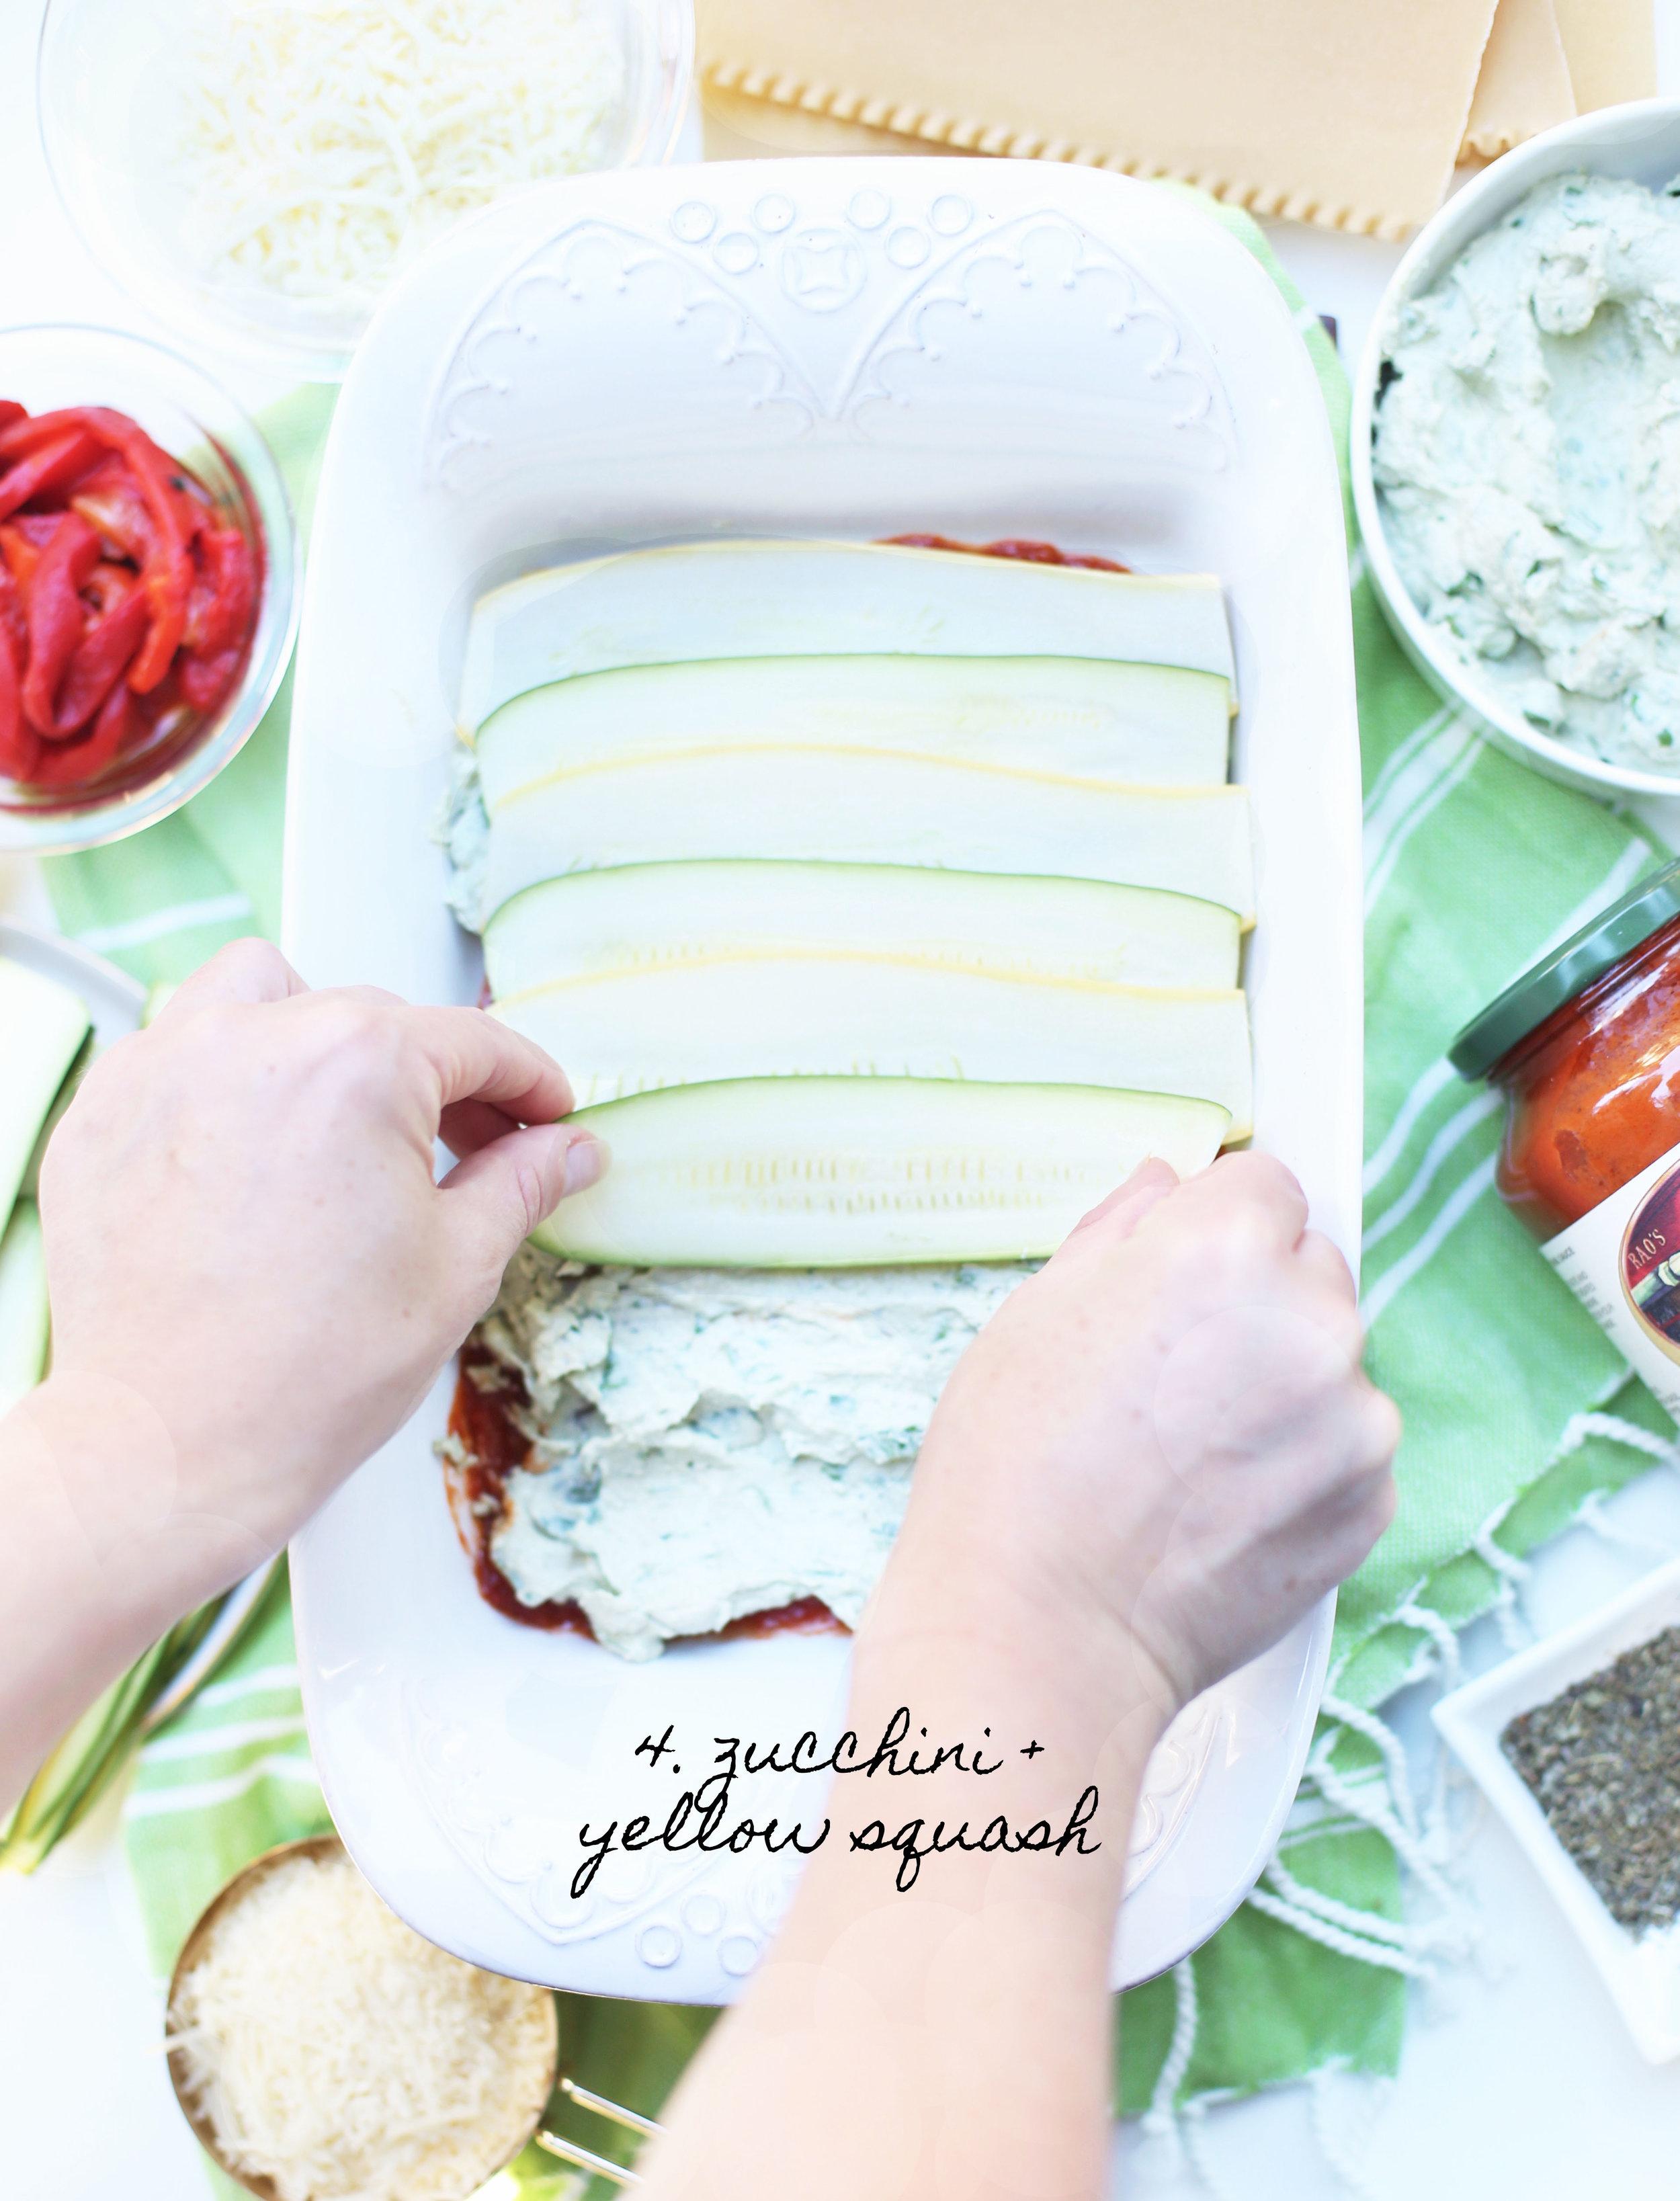 zucchini4.jpg